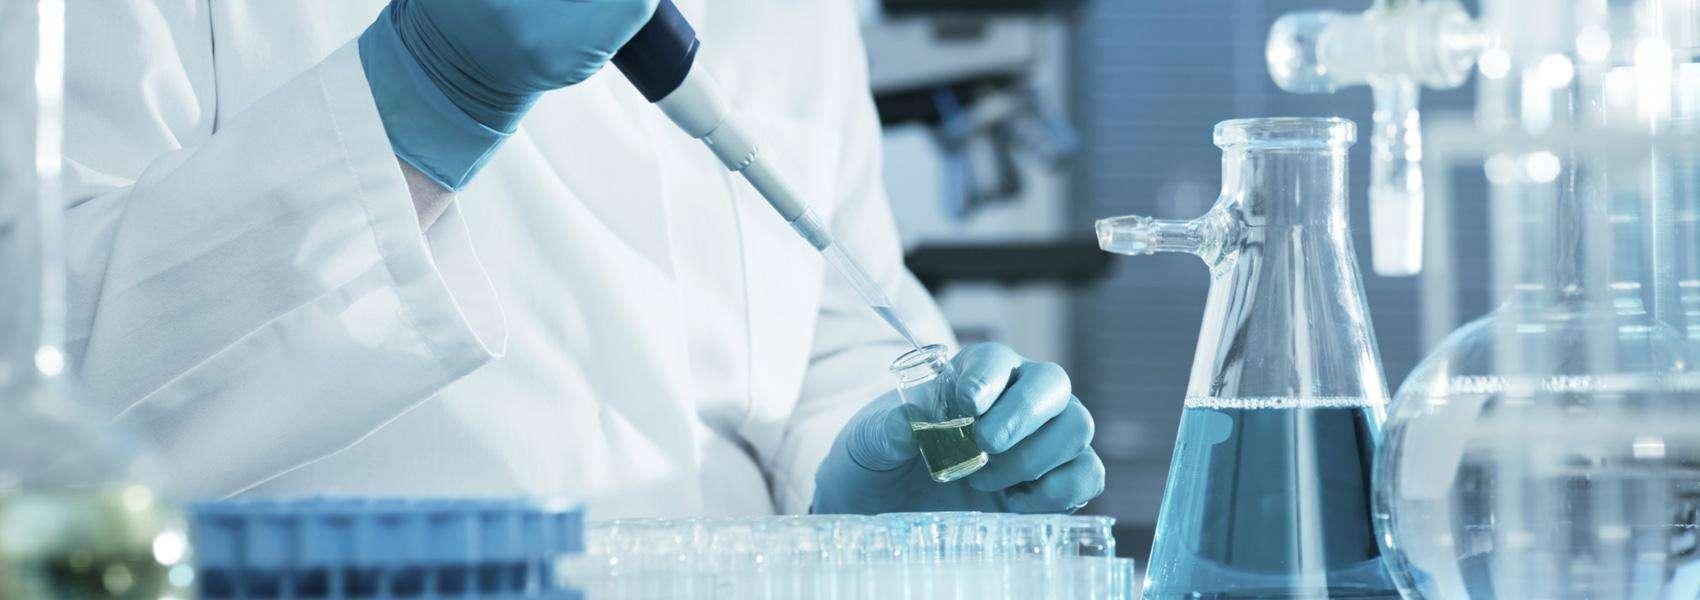 50190 laboratorio de analisis clinicos dr martin ruiz banner 1